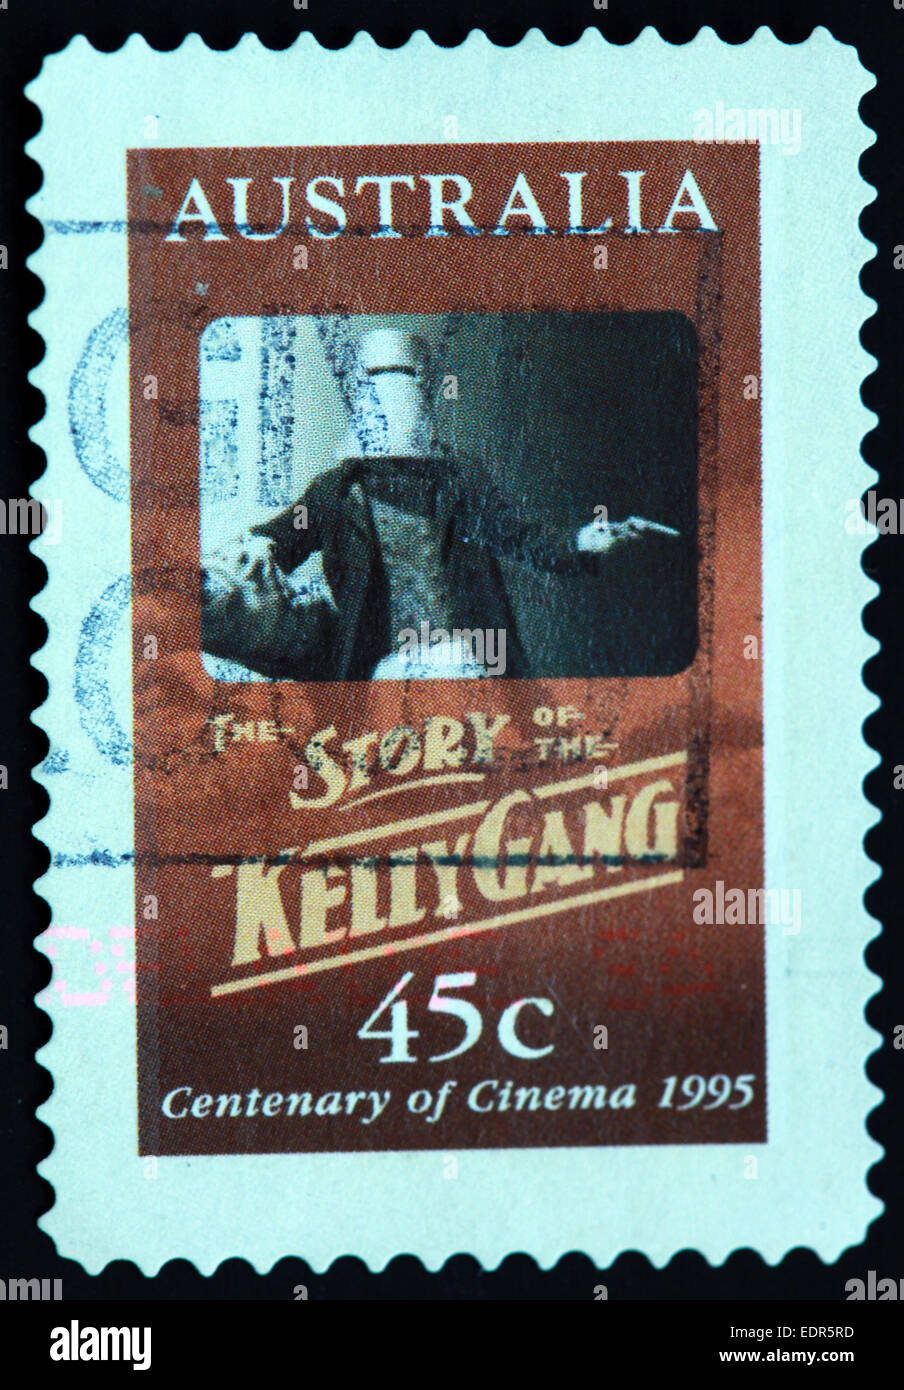 Utilisé et oblitérée Australie / Austrailian Stamp 45 c histoire de la gang Kelly 1995 centenaire du cinéma Banque D'Images